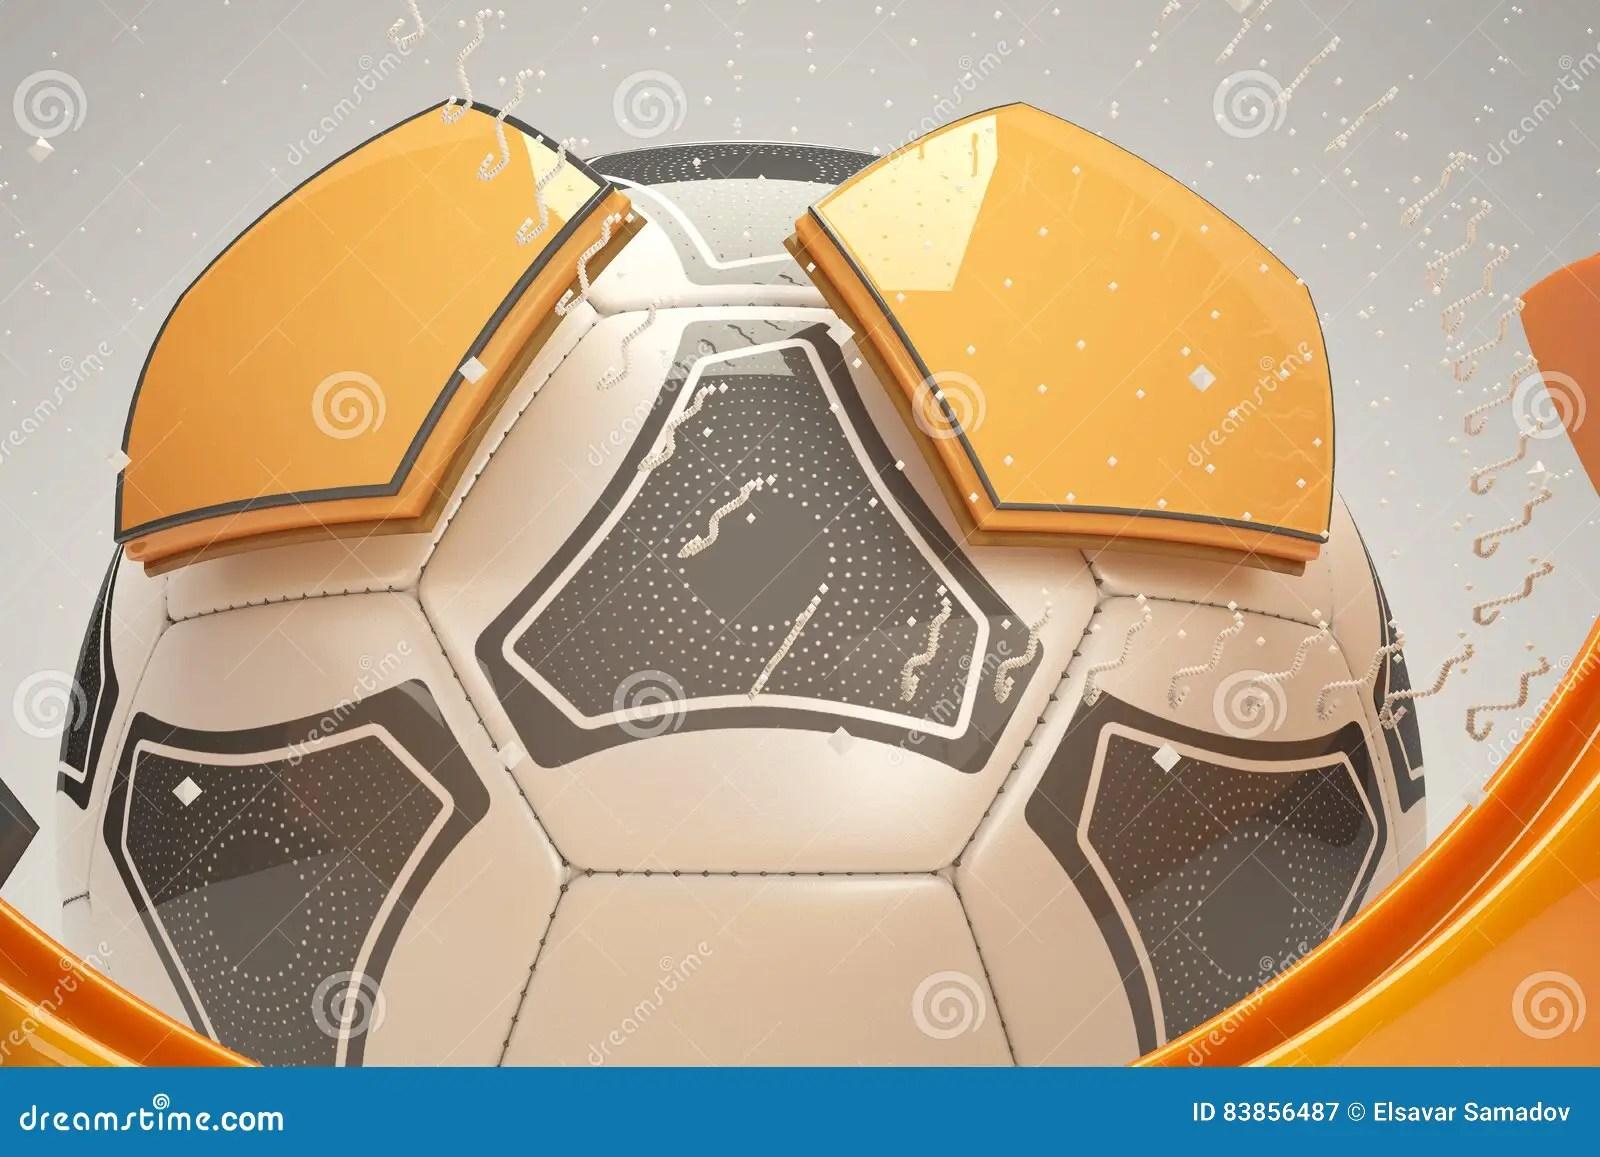 3d Soccer Ball Design Stock Illustration Illustration Of